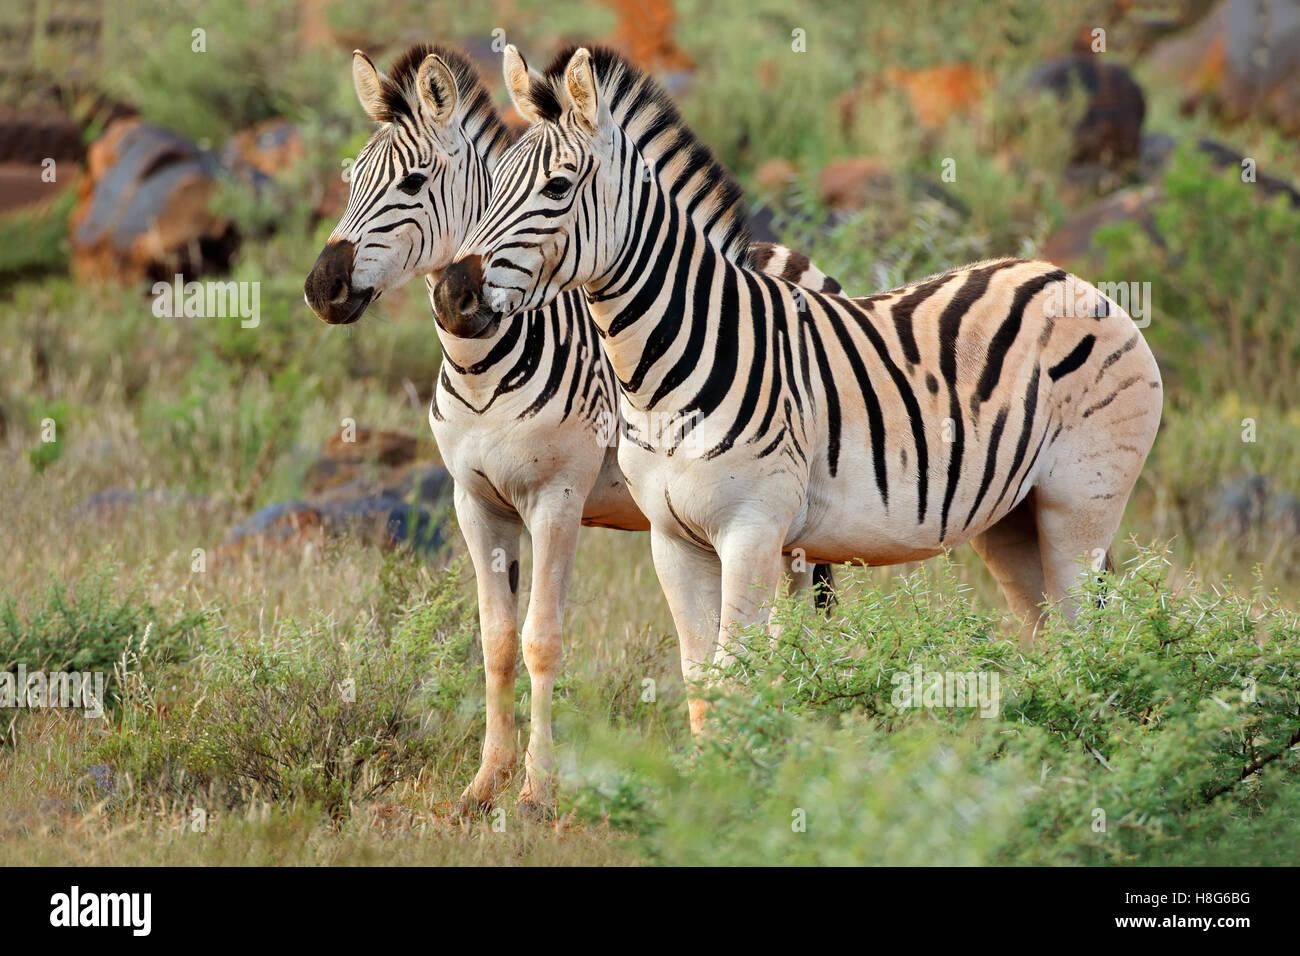 Deux plaines (Burchell) zèbres (Equus burchelli) dans l'habitat naturel, l'Afrique du Sud Photo Stock